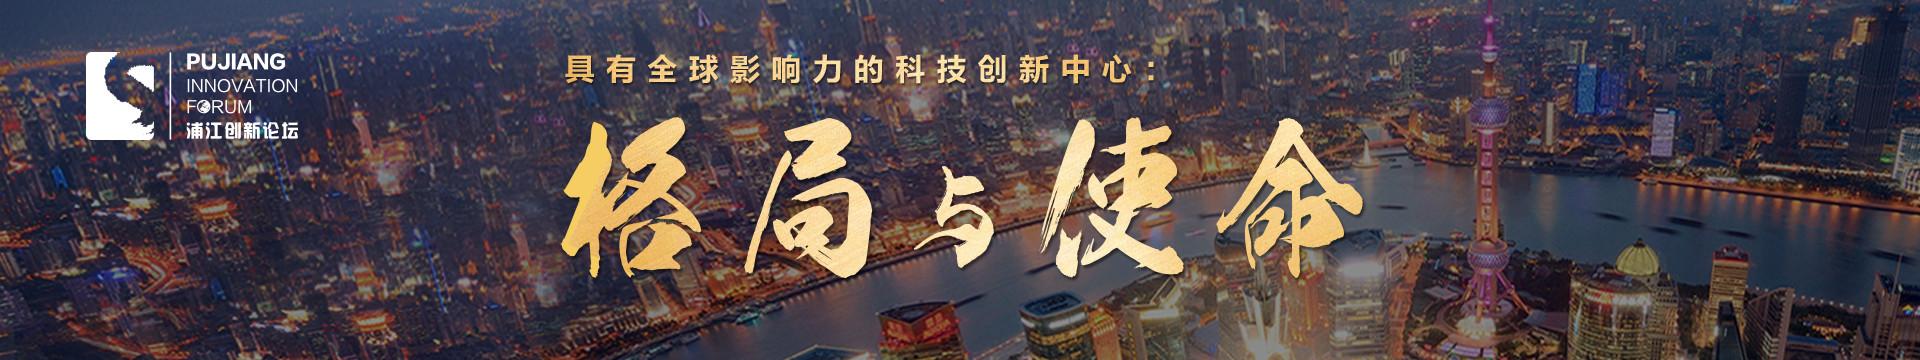 2017浦江创新论坛